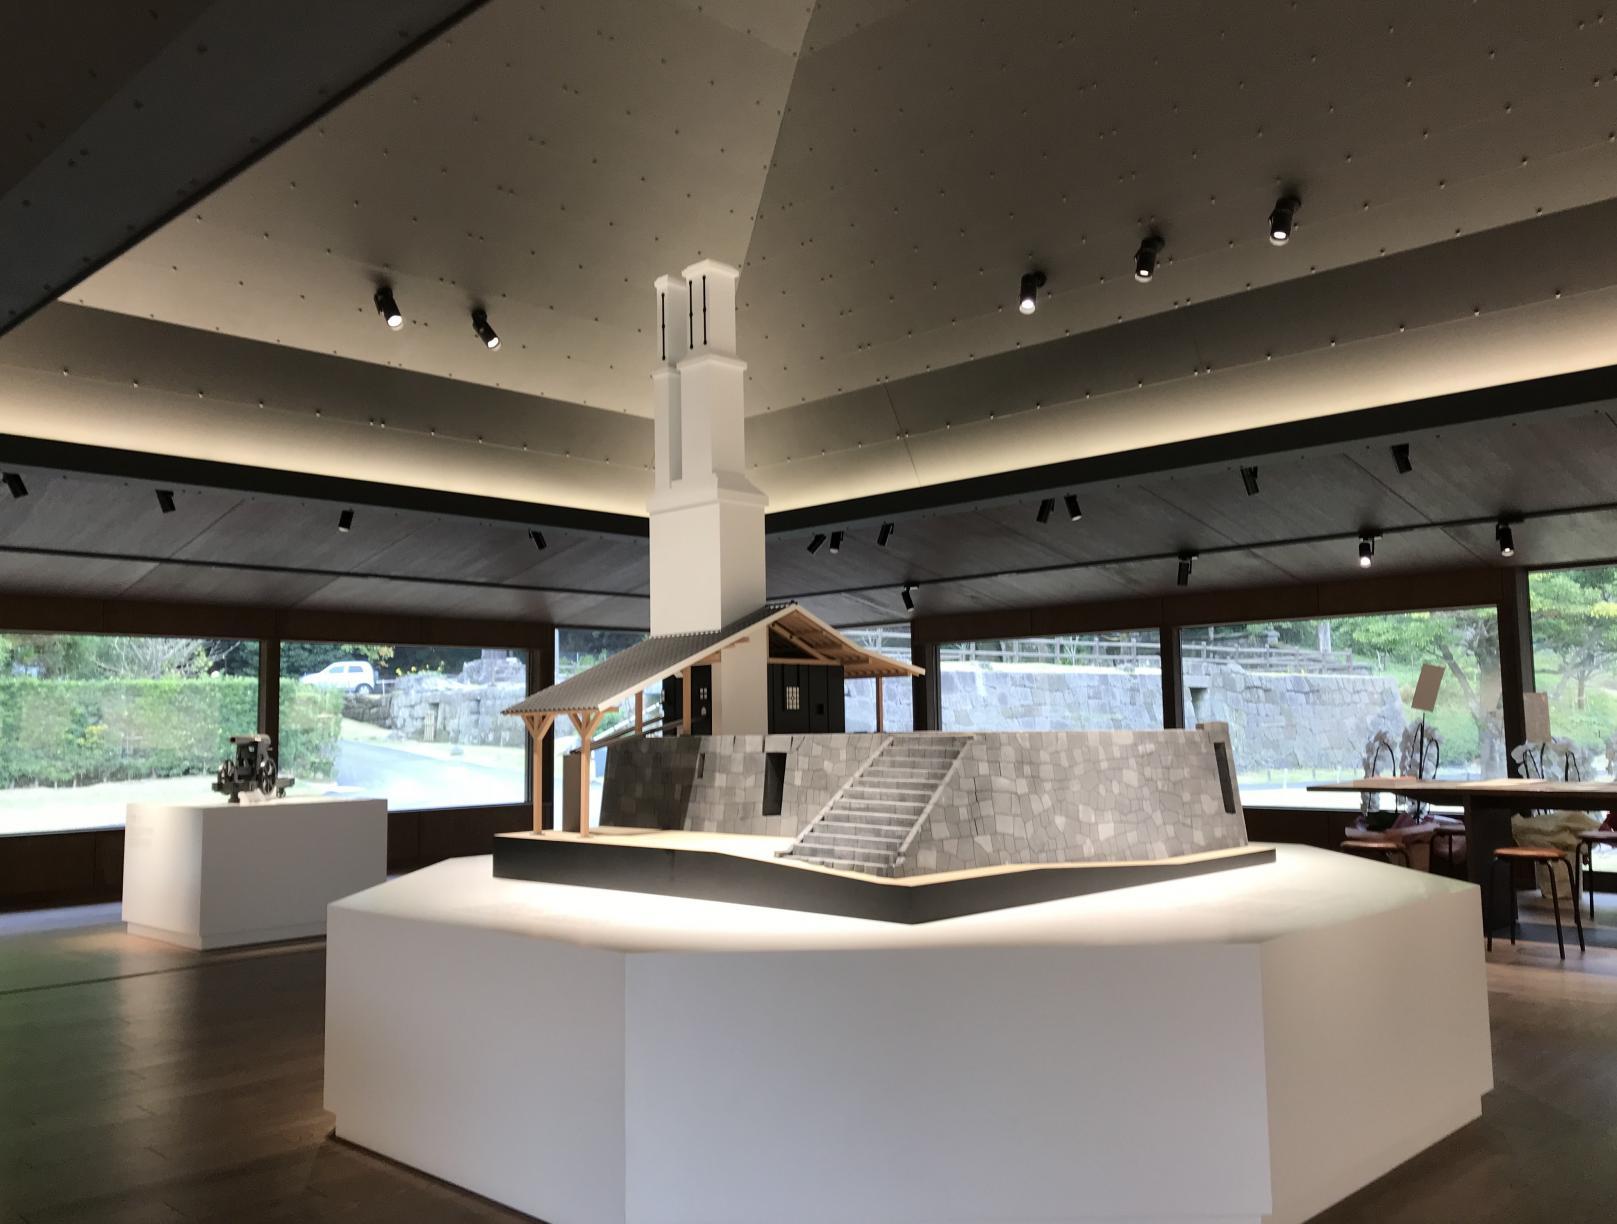 鹿児島世界文化遺産オリエンテーションセンター-1